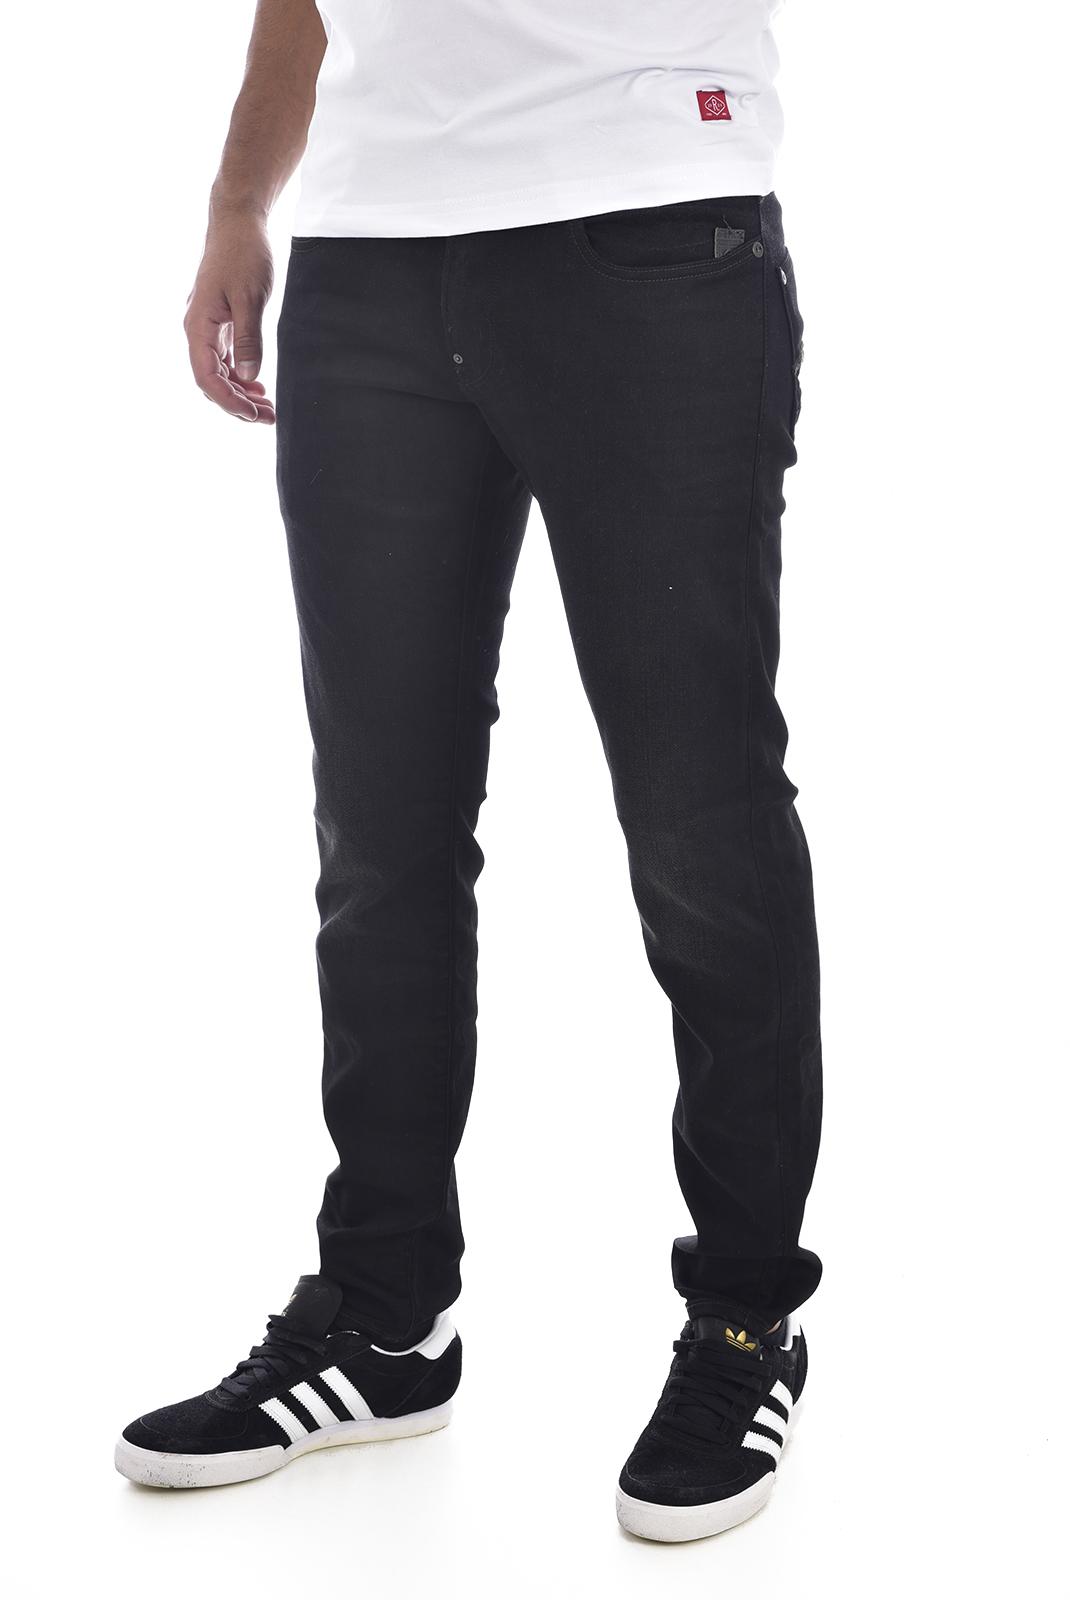 Jeans  G-star 51010-6009-89 revend noir